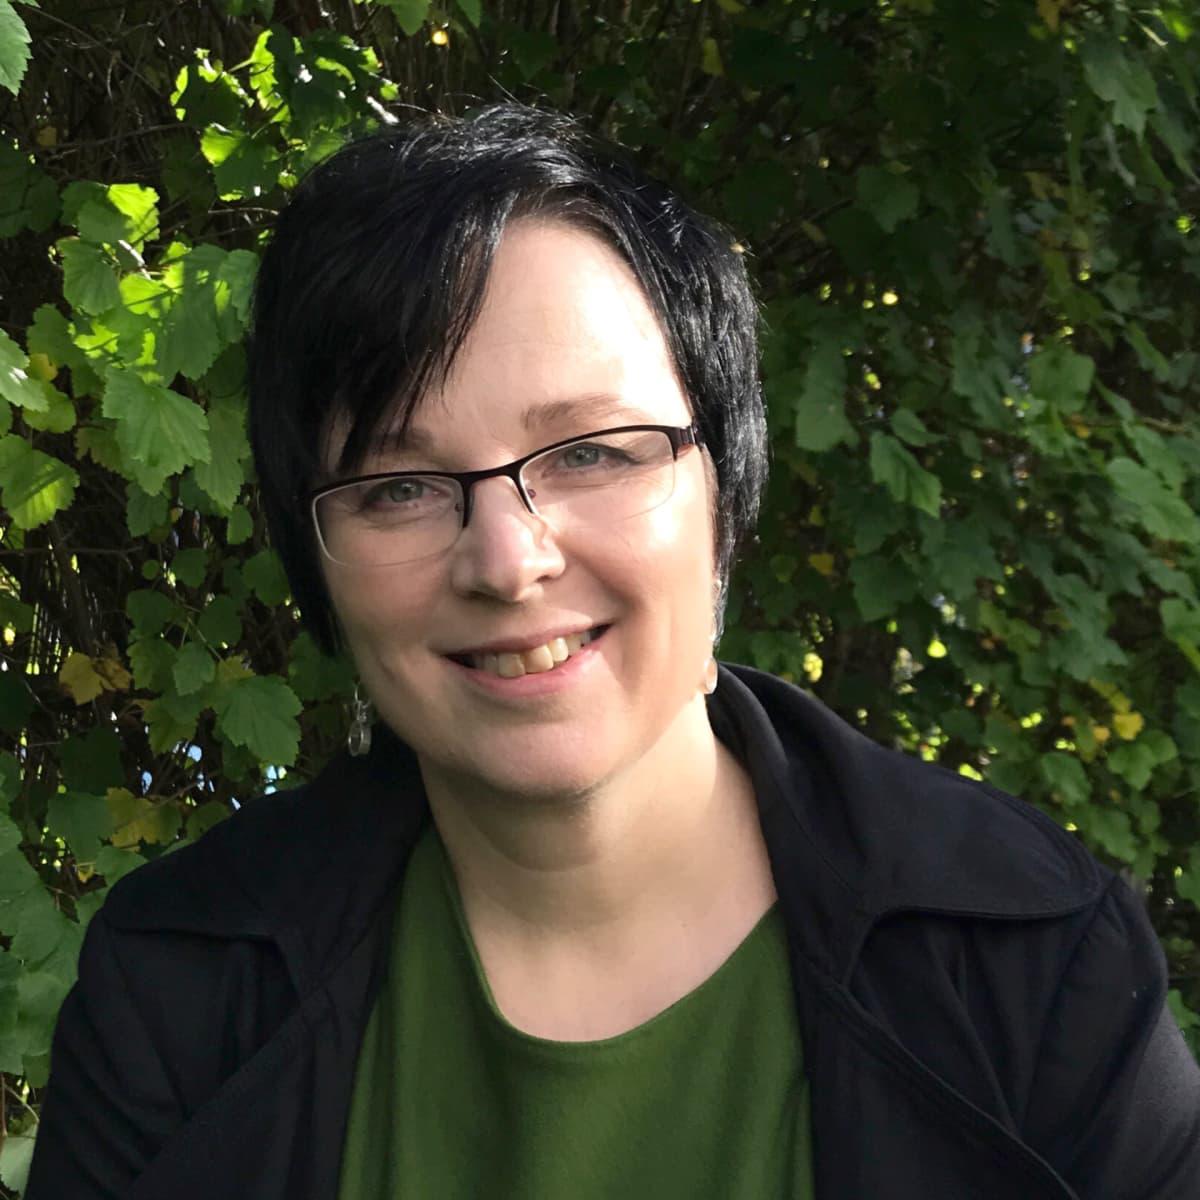 Tampereen yliopiston suomen kielen apulaisprofessori Johanna Vaattovaara.